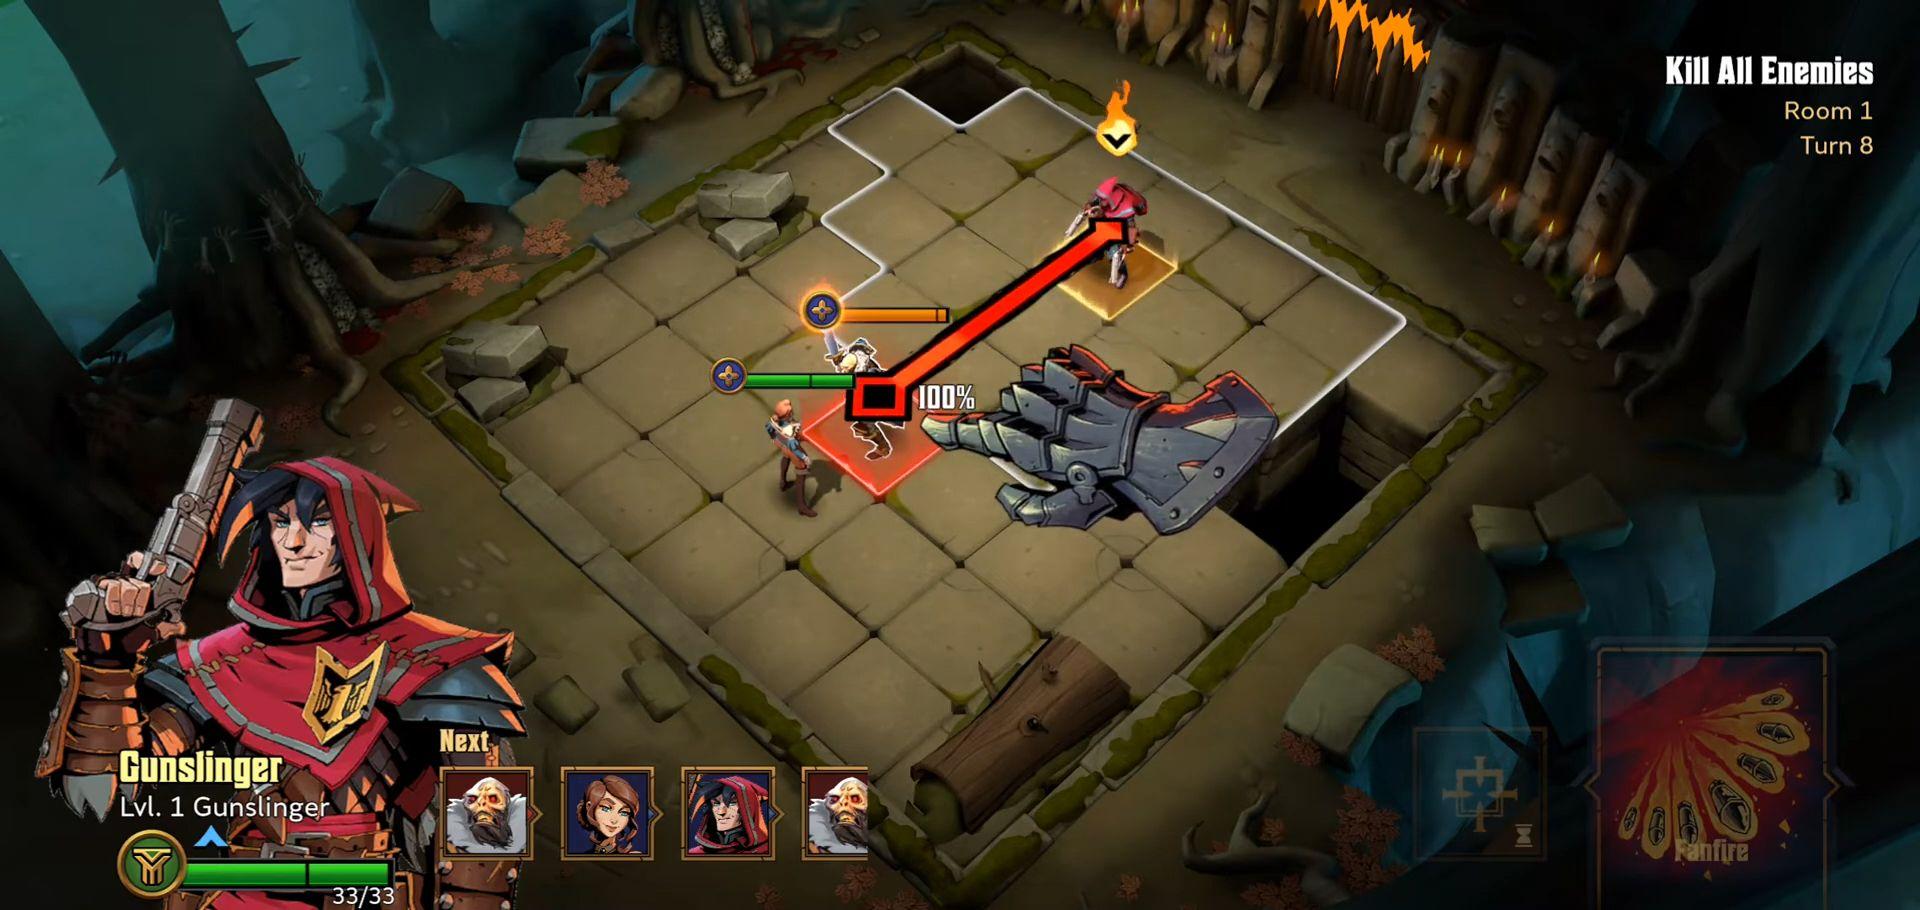 Grimguard Tactics: End of Legends captura de tela 1